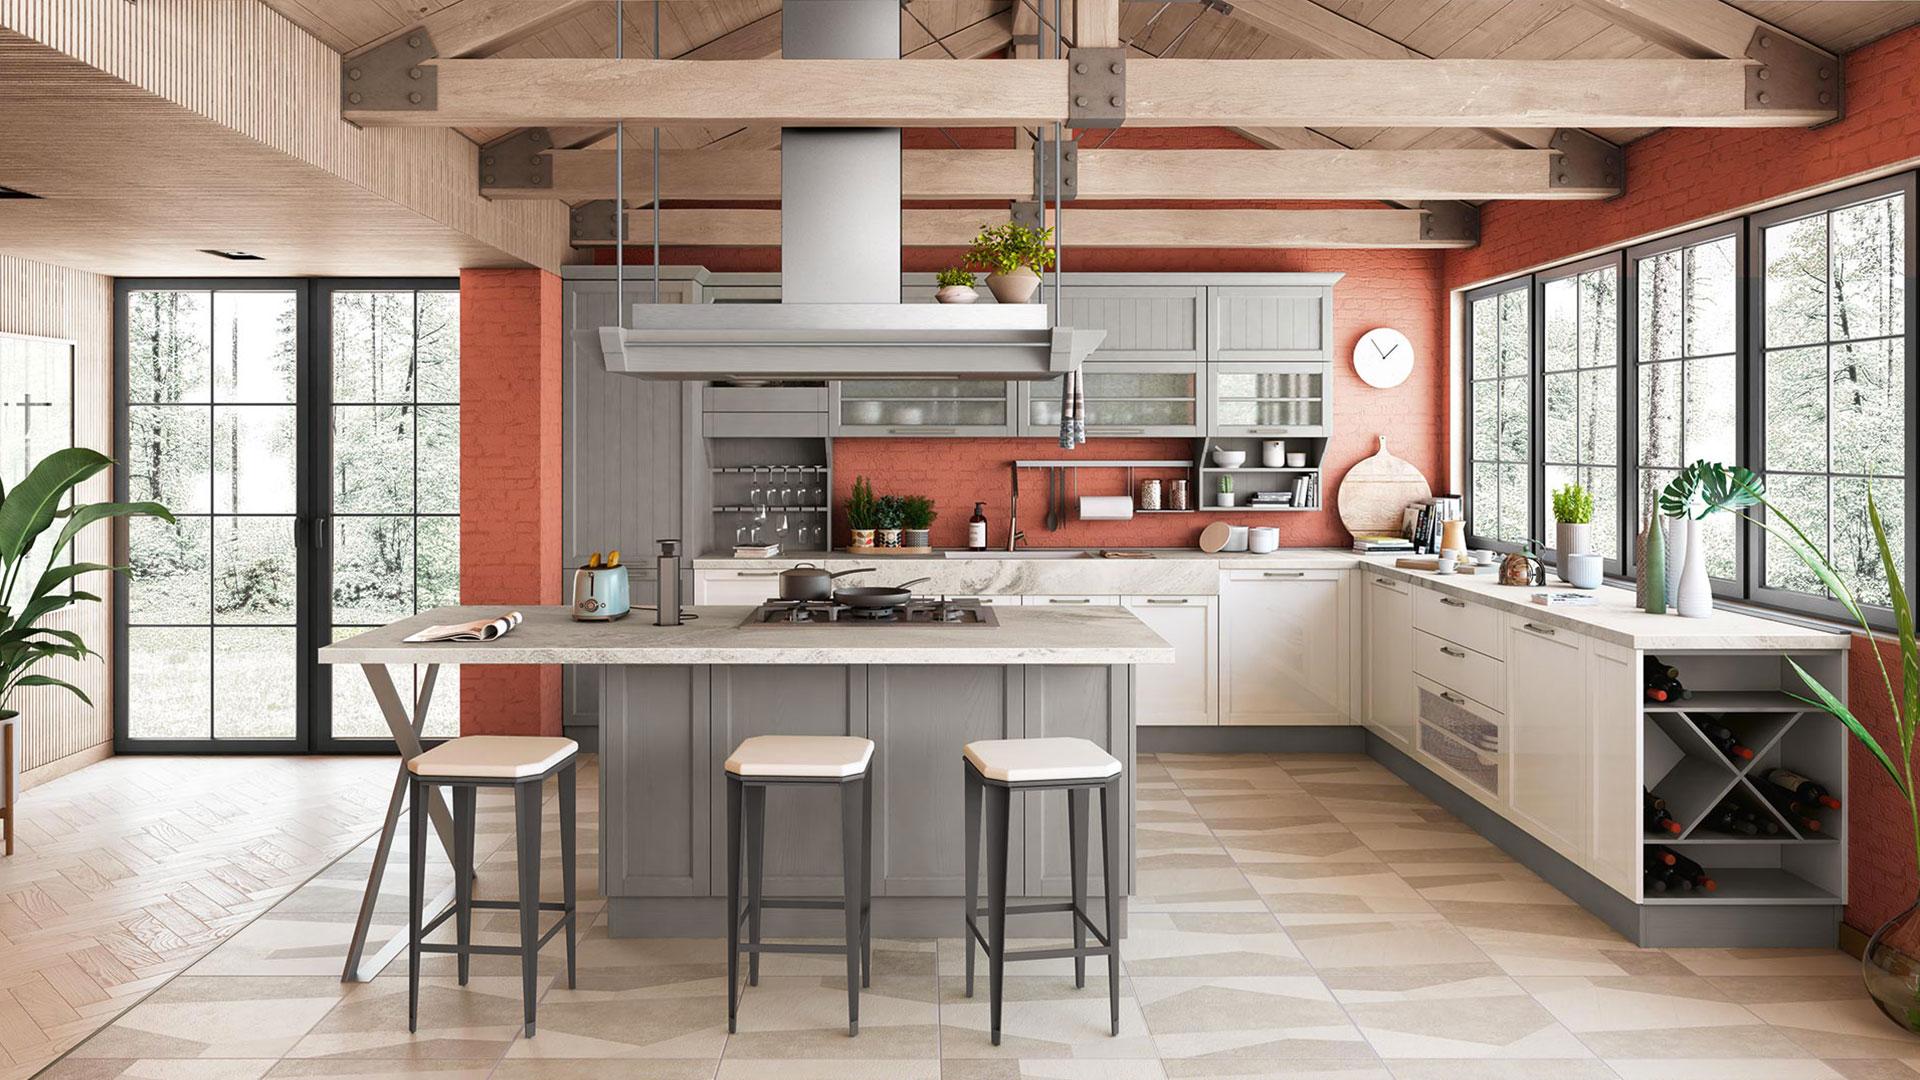 Cucine Creo Lube Opinioni lo stile romantico della nuova cucina contempo | creo store